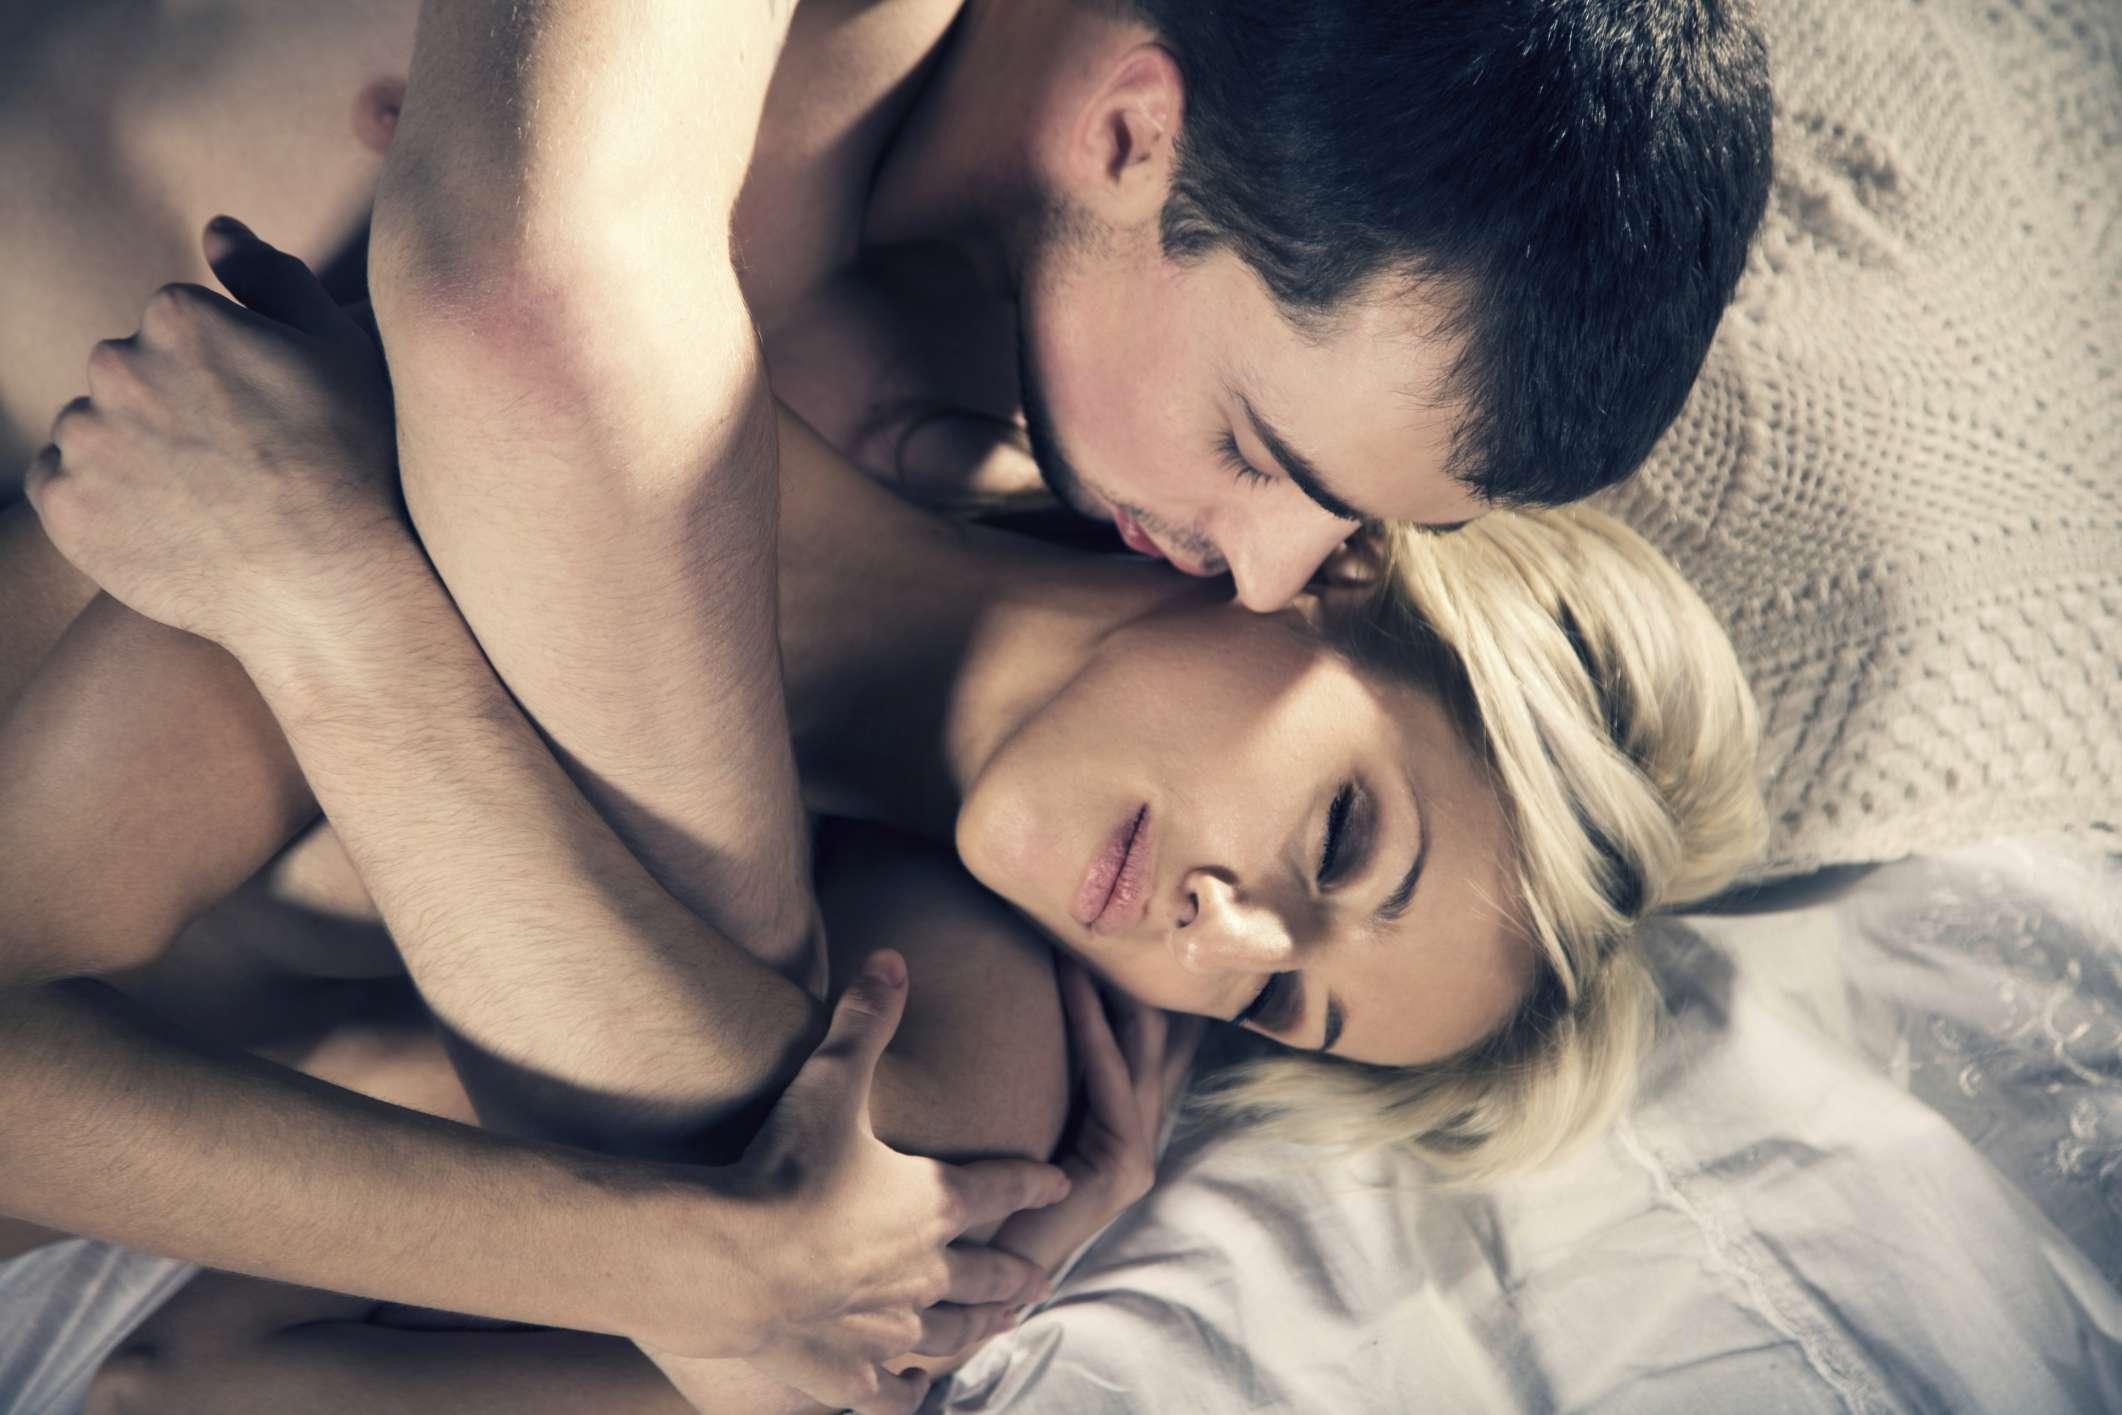 Фото про женщину и мужчину как занимаются сексом 17 фотография